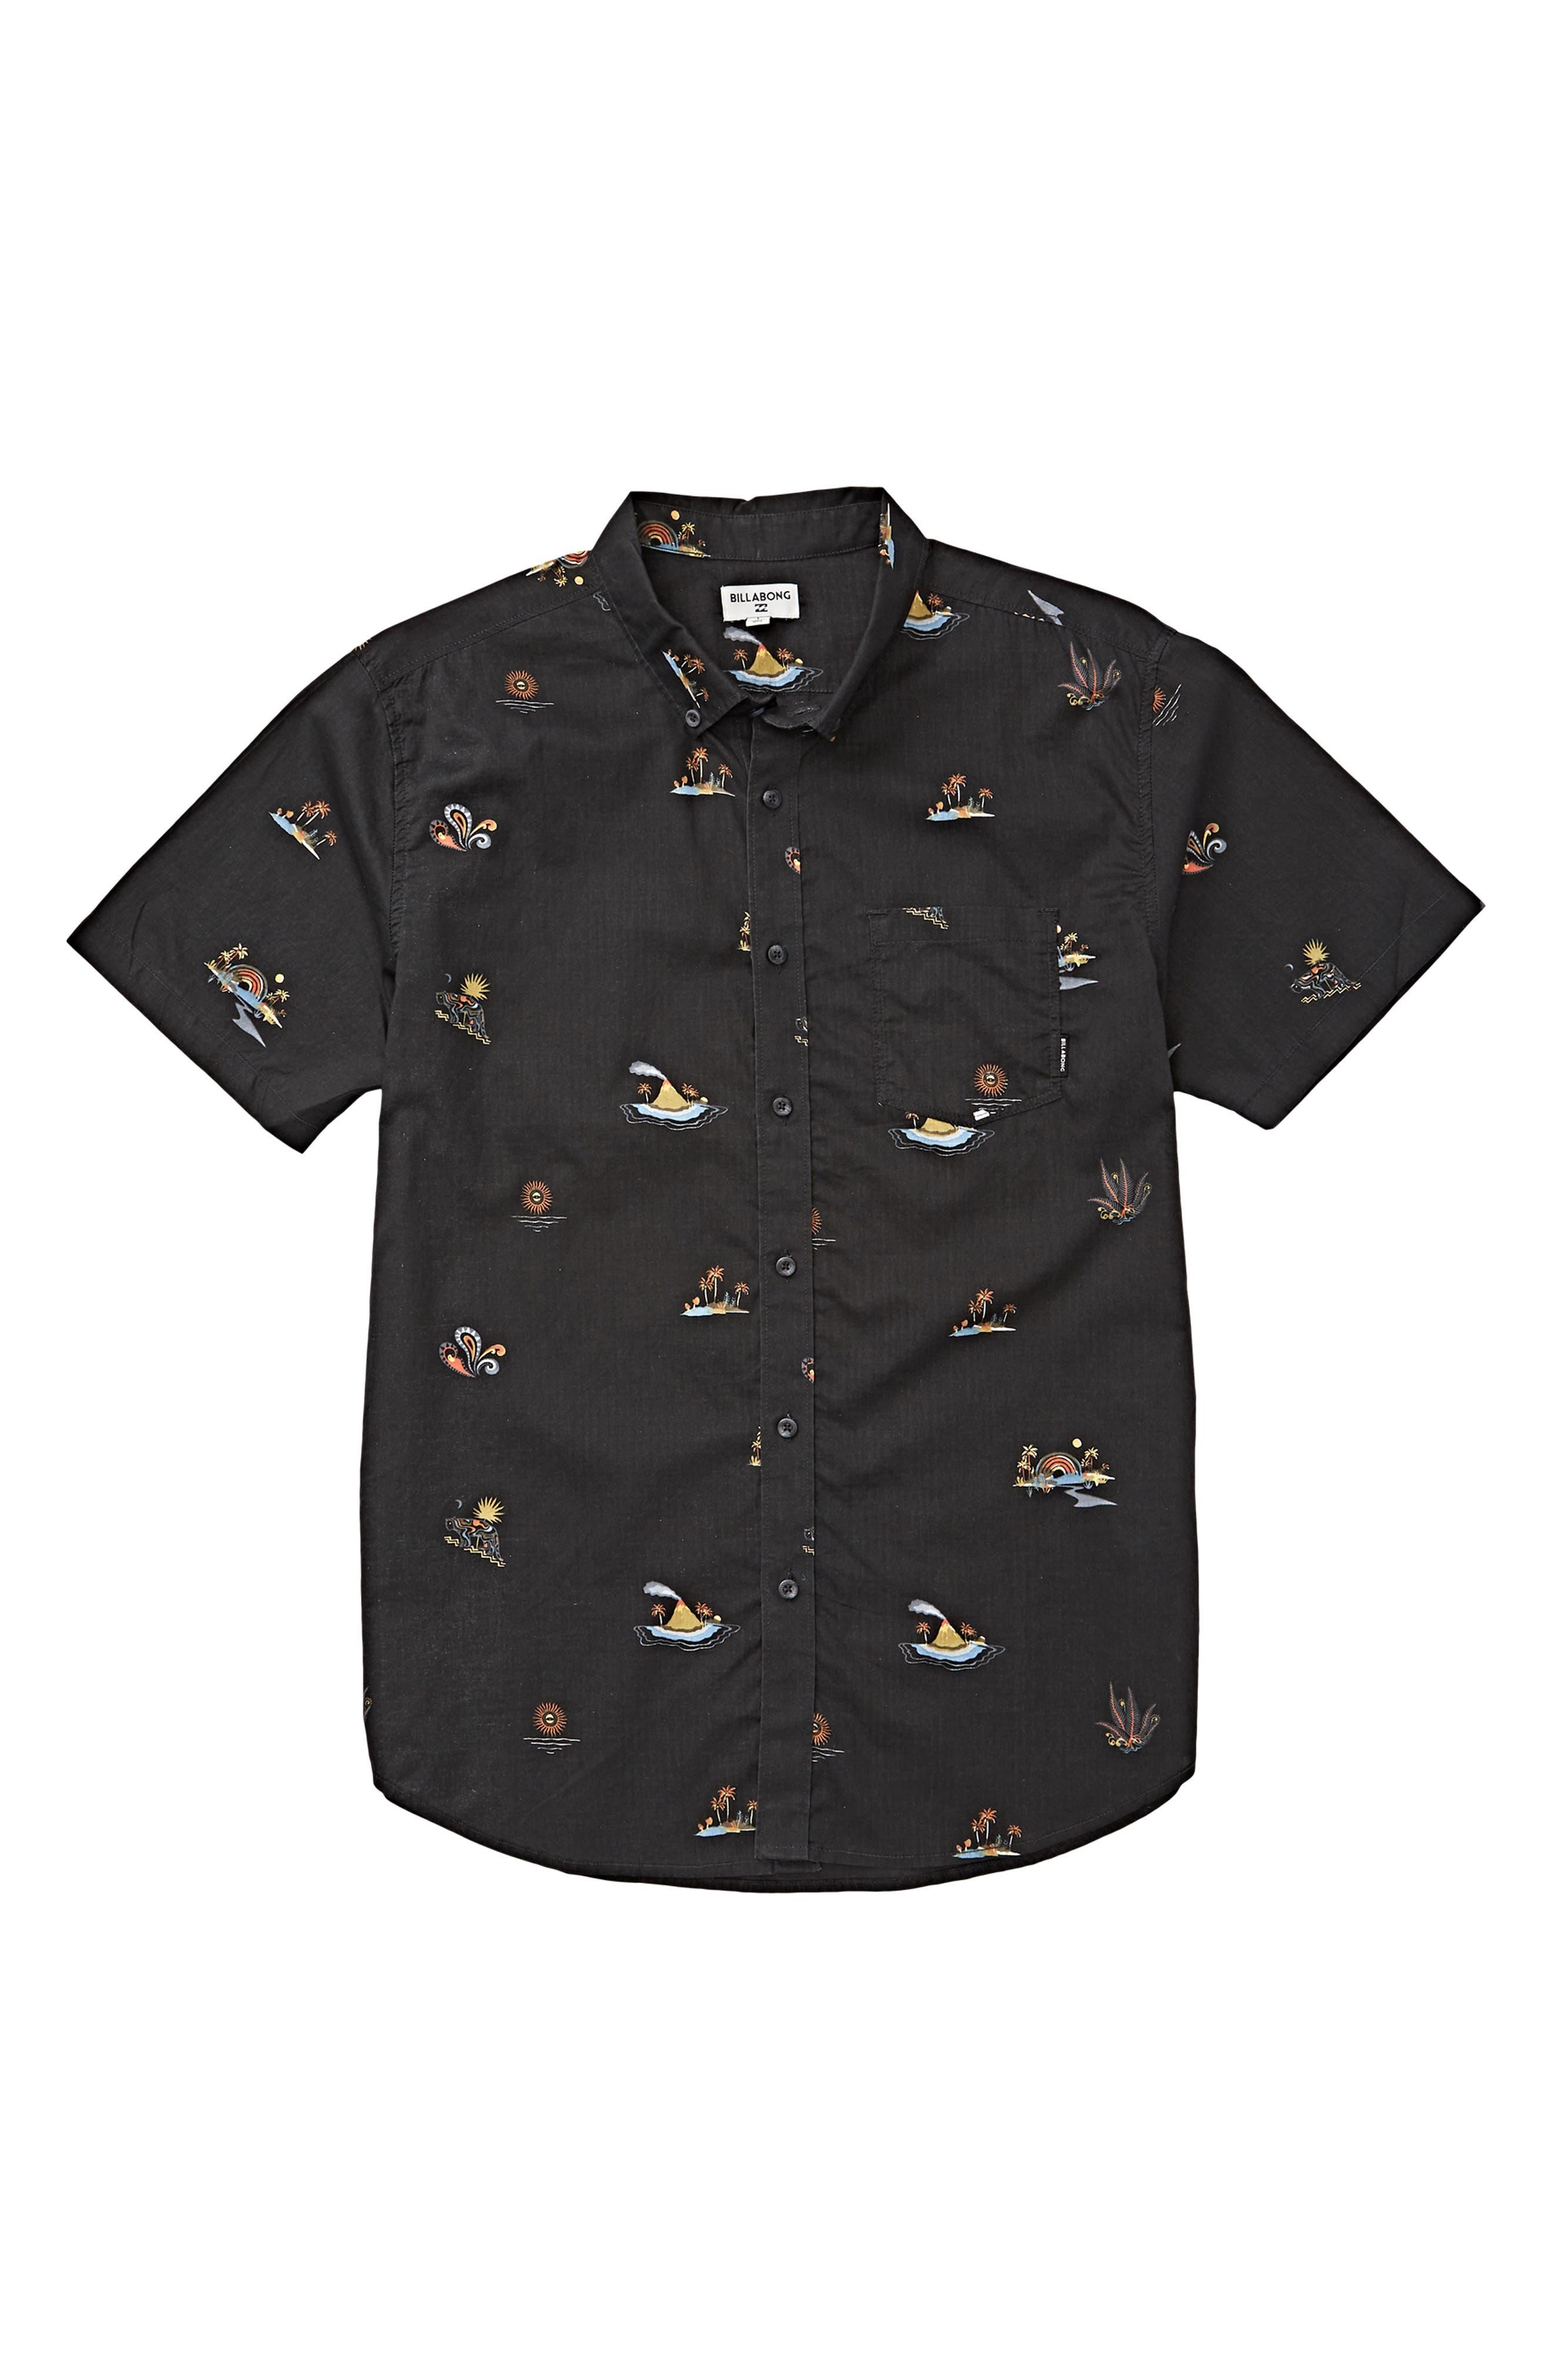 Boys Billabong Sundays Woven ButtonUp Shirt Size XL (1820)  Blue